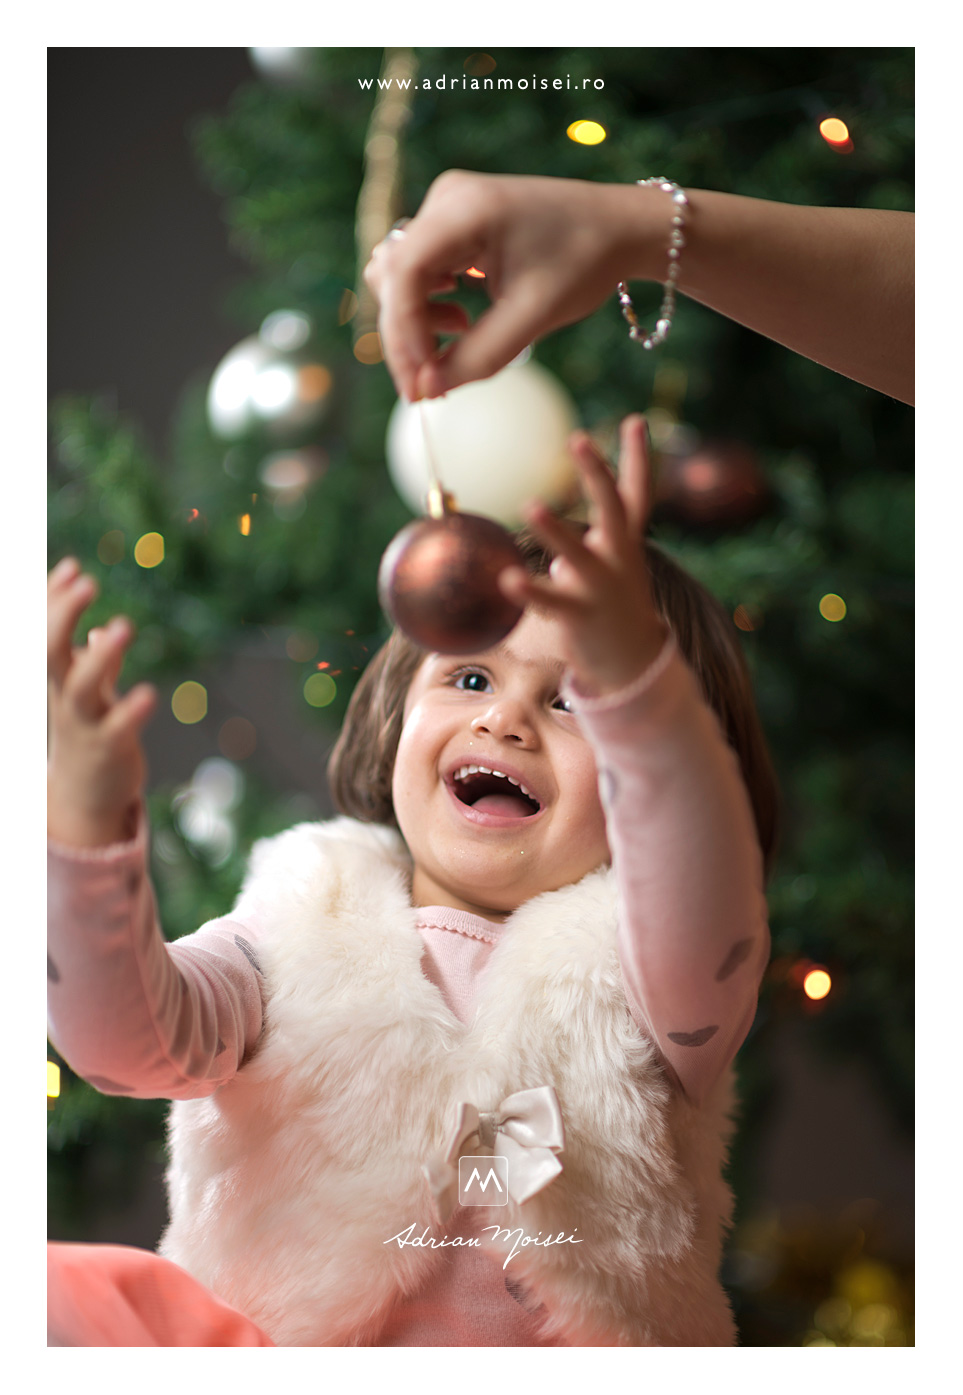 Sărbatoarea cea mai de preț pentru cei mici, de Crăciun, fotografie de familie, Adrian Moisei fotograf Iași, fotograf de familie Iași